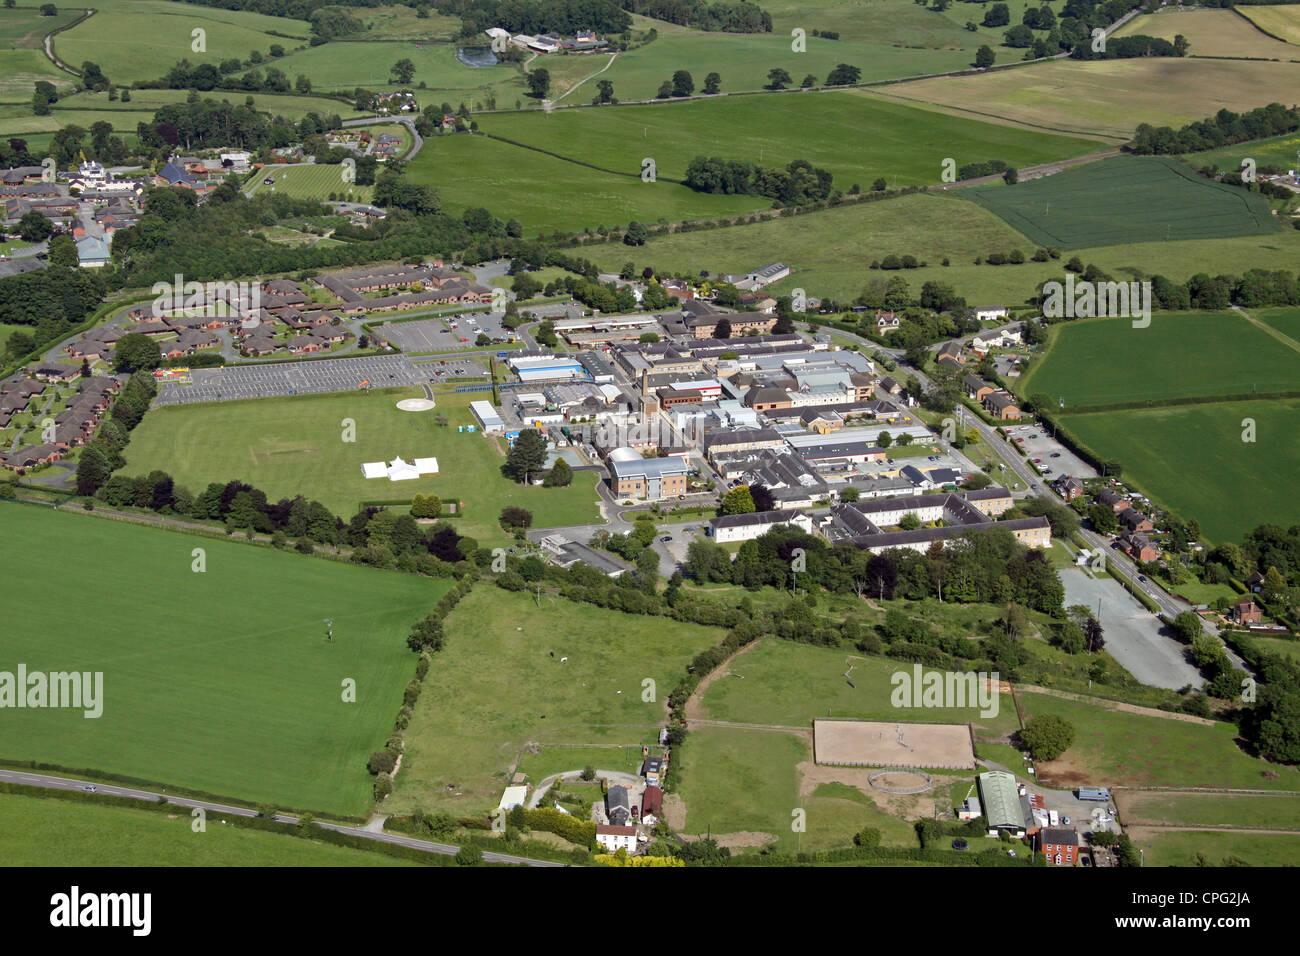 Vue aérienne de l'hôpital Oswestry Photo Stock